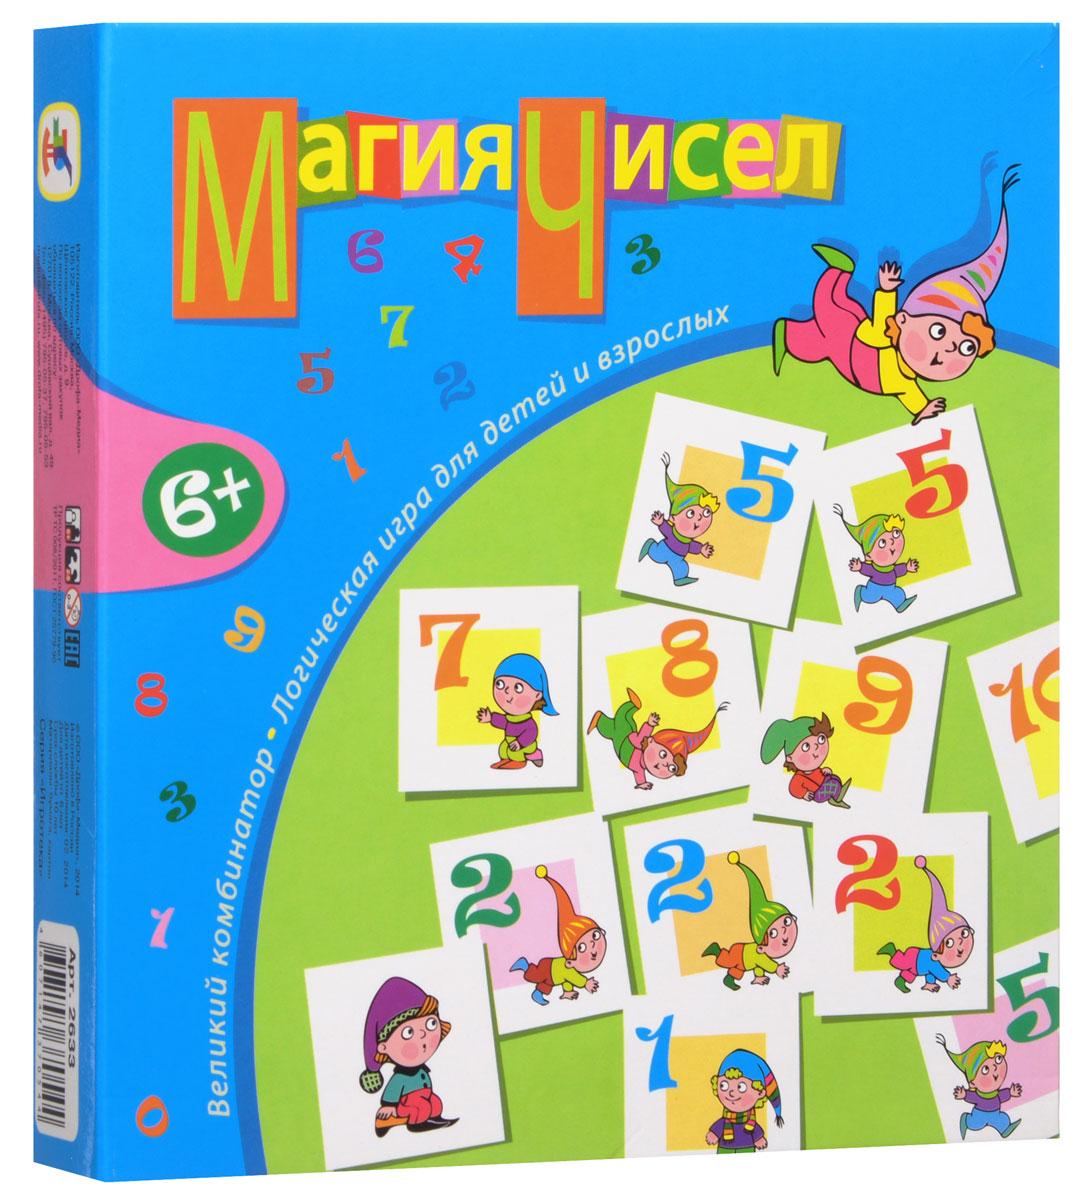 Дрофа-Медиа Настольная игра Магия чисел2633Настольная игра Магия чисел позволит ребенку весело и увлекательно провести свободное время. В комплекте 81 игровая карточка. Игра учит составлять ряды из чисел по определенным правилам, набирая как можно больше очков. Магия чисел развивает логические и математические способности ребенка, тренирует усидчивость, наблюдательность. Игра позволит весело провести время не только детям, но и взрослым. Настольная игра Тройка станет незаменимым подарком вашим близким и родным людям!